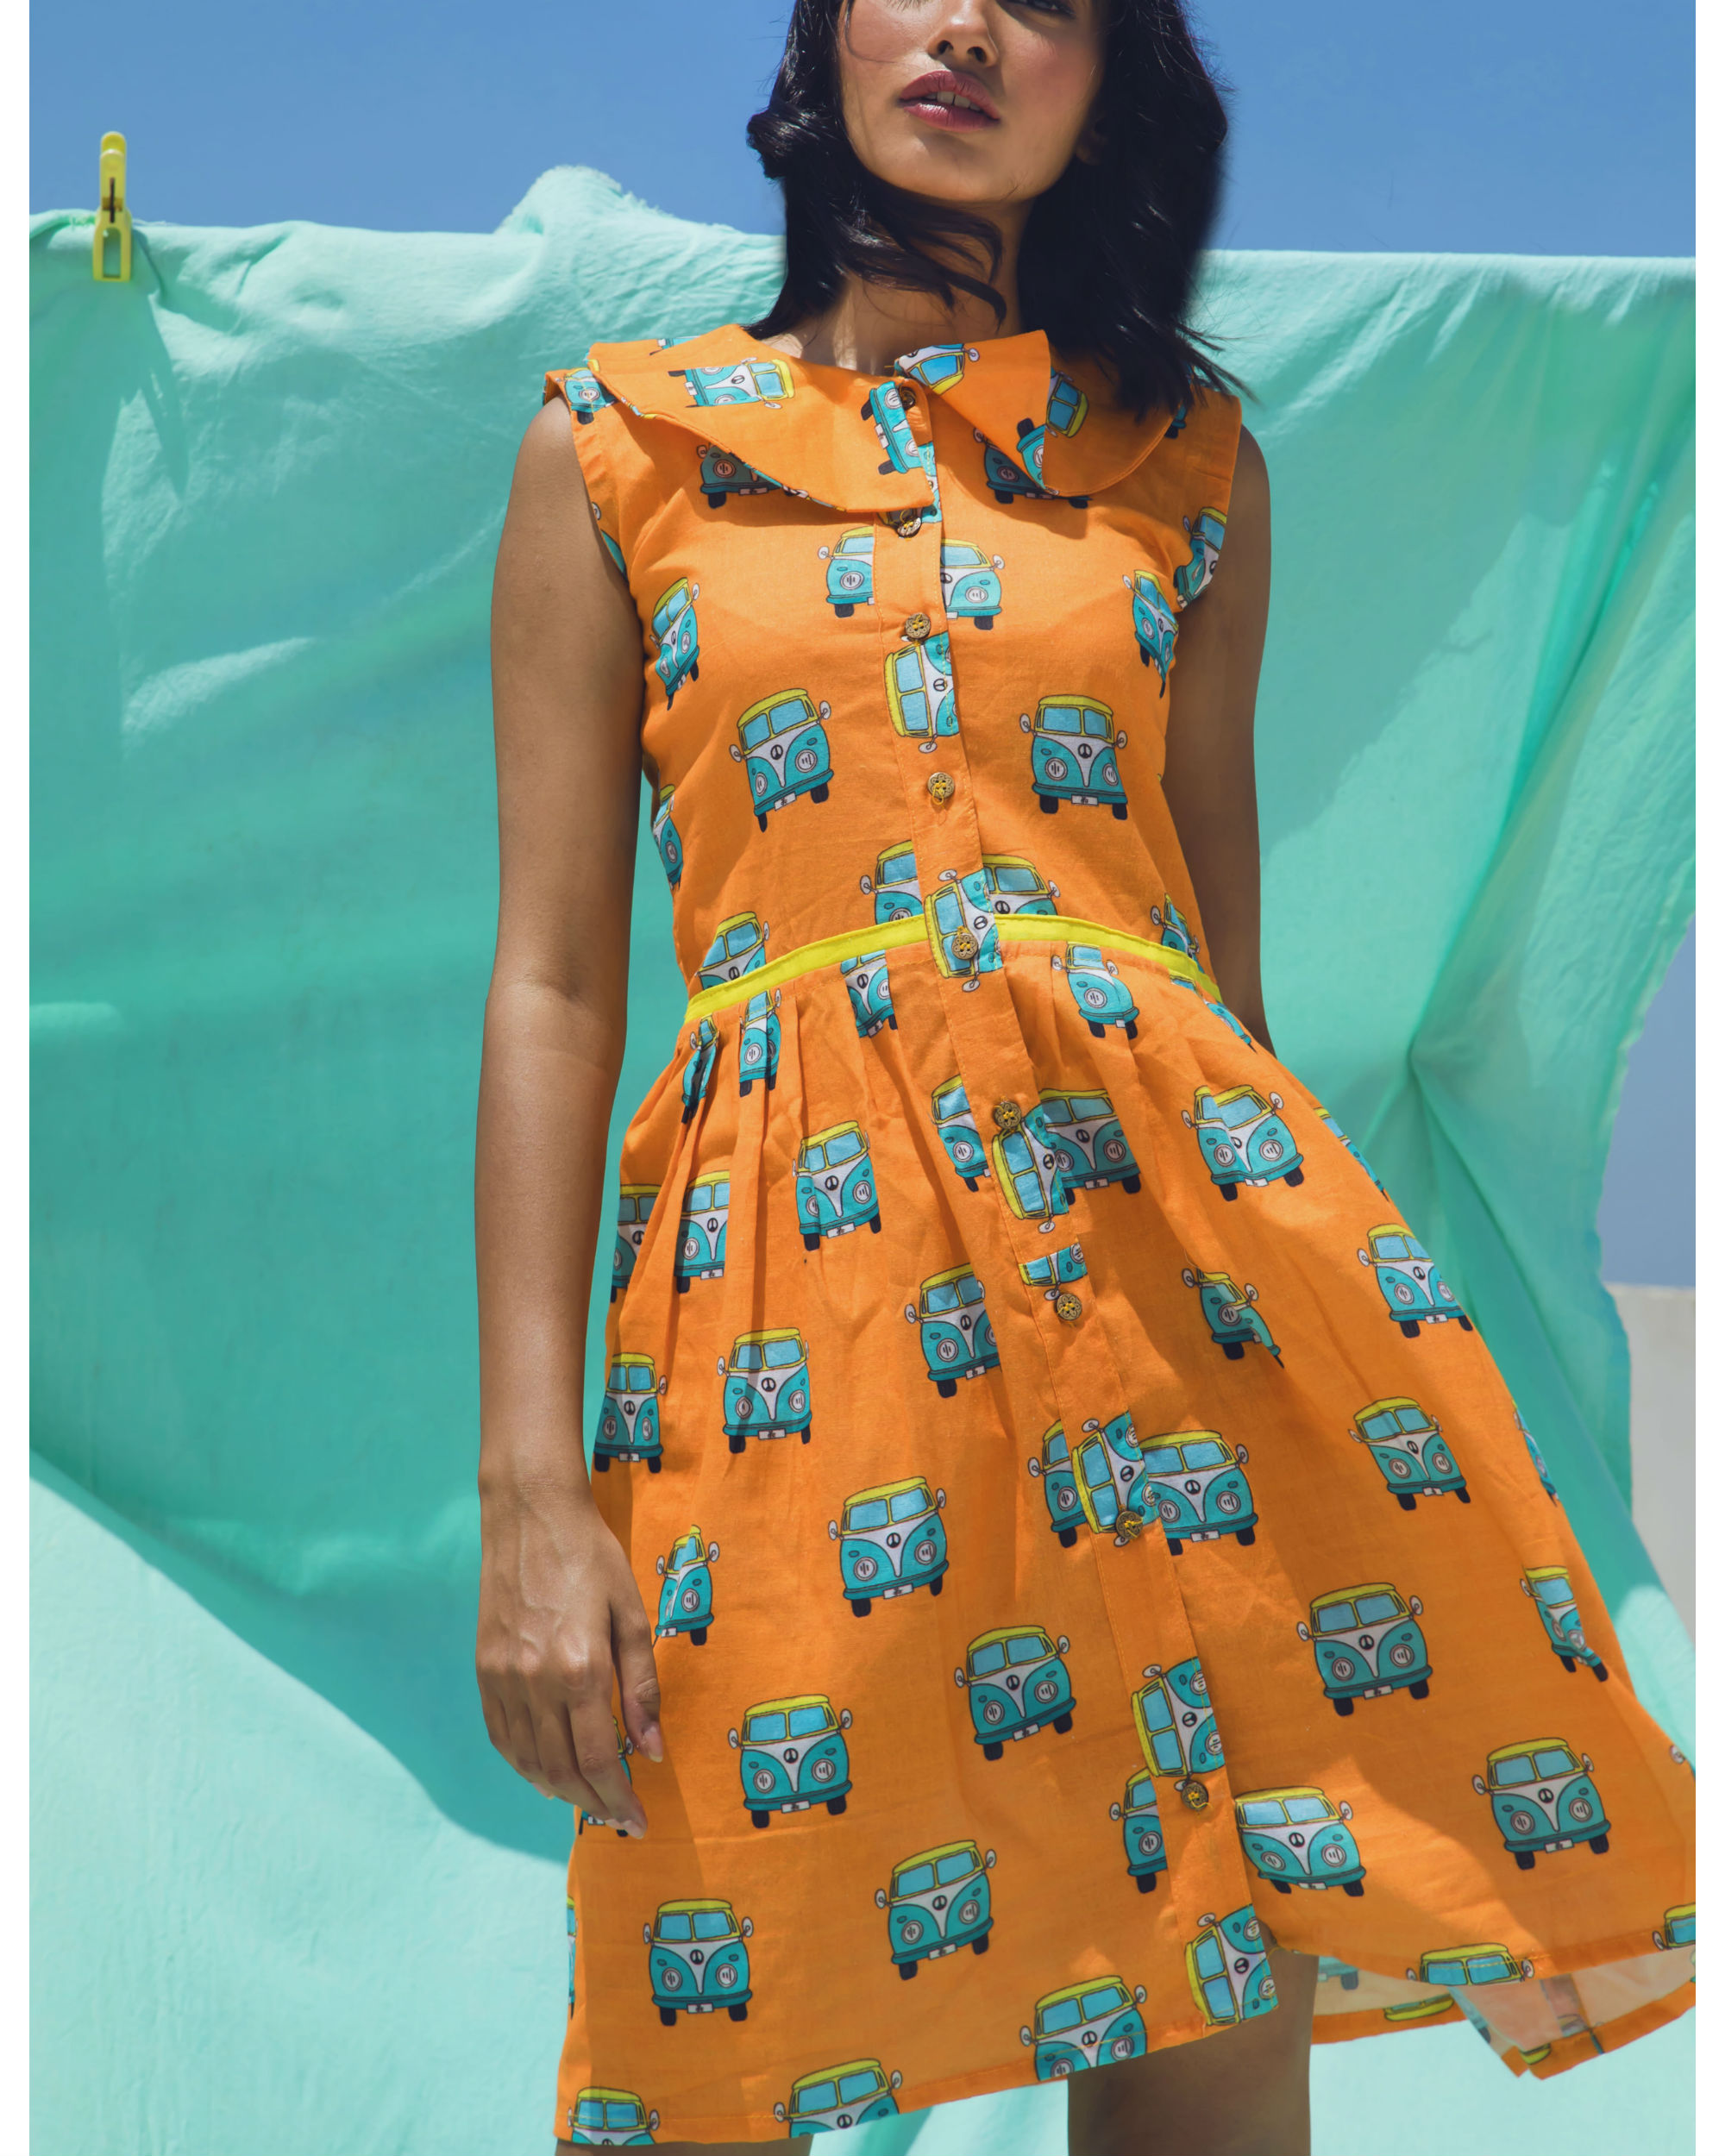 Orange van dress